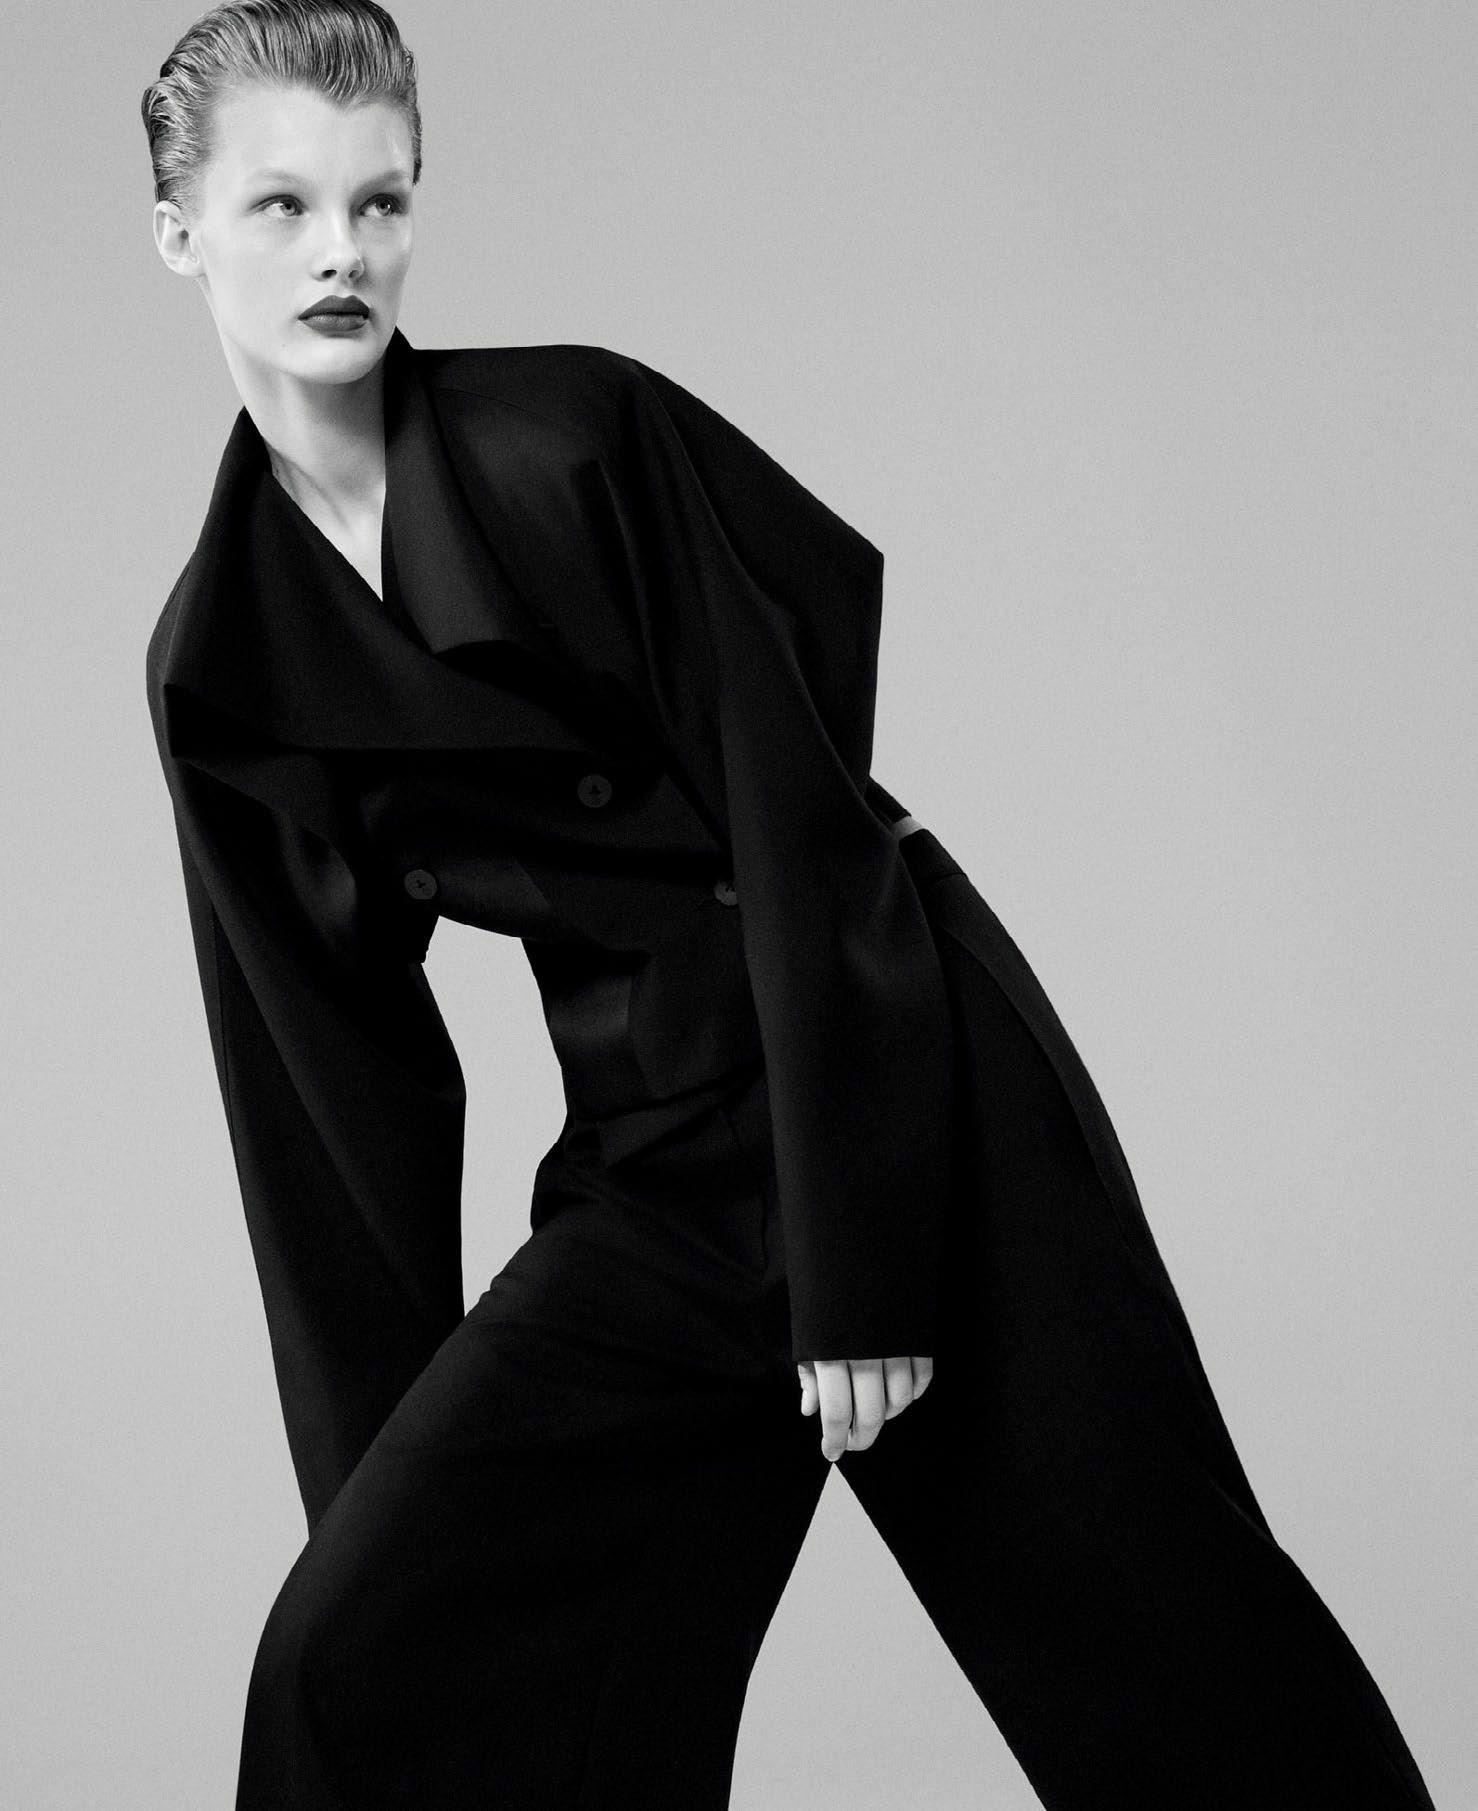 Кристина Грикайте в фотосъёмке Дэниела Джексона для китайского Vogue, май 2017 1